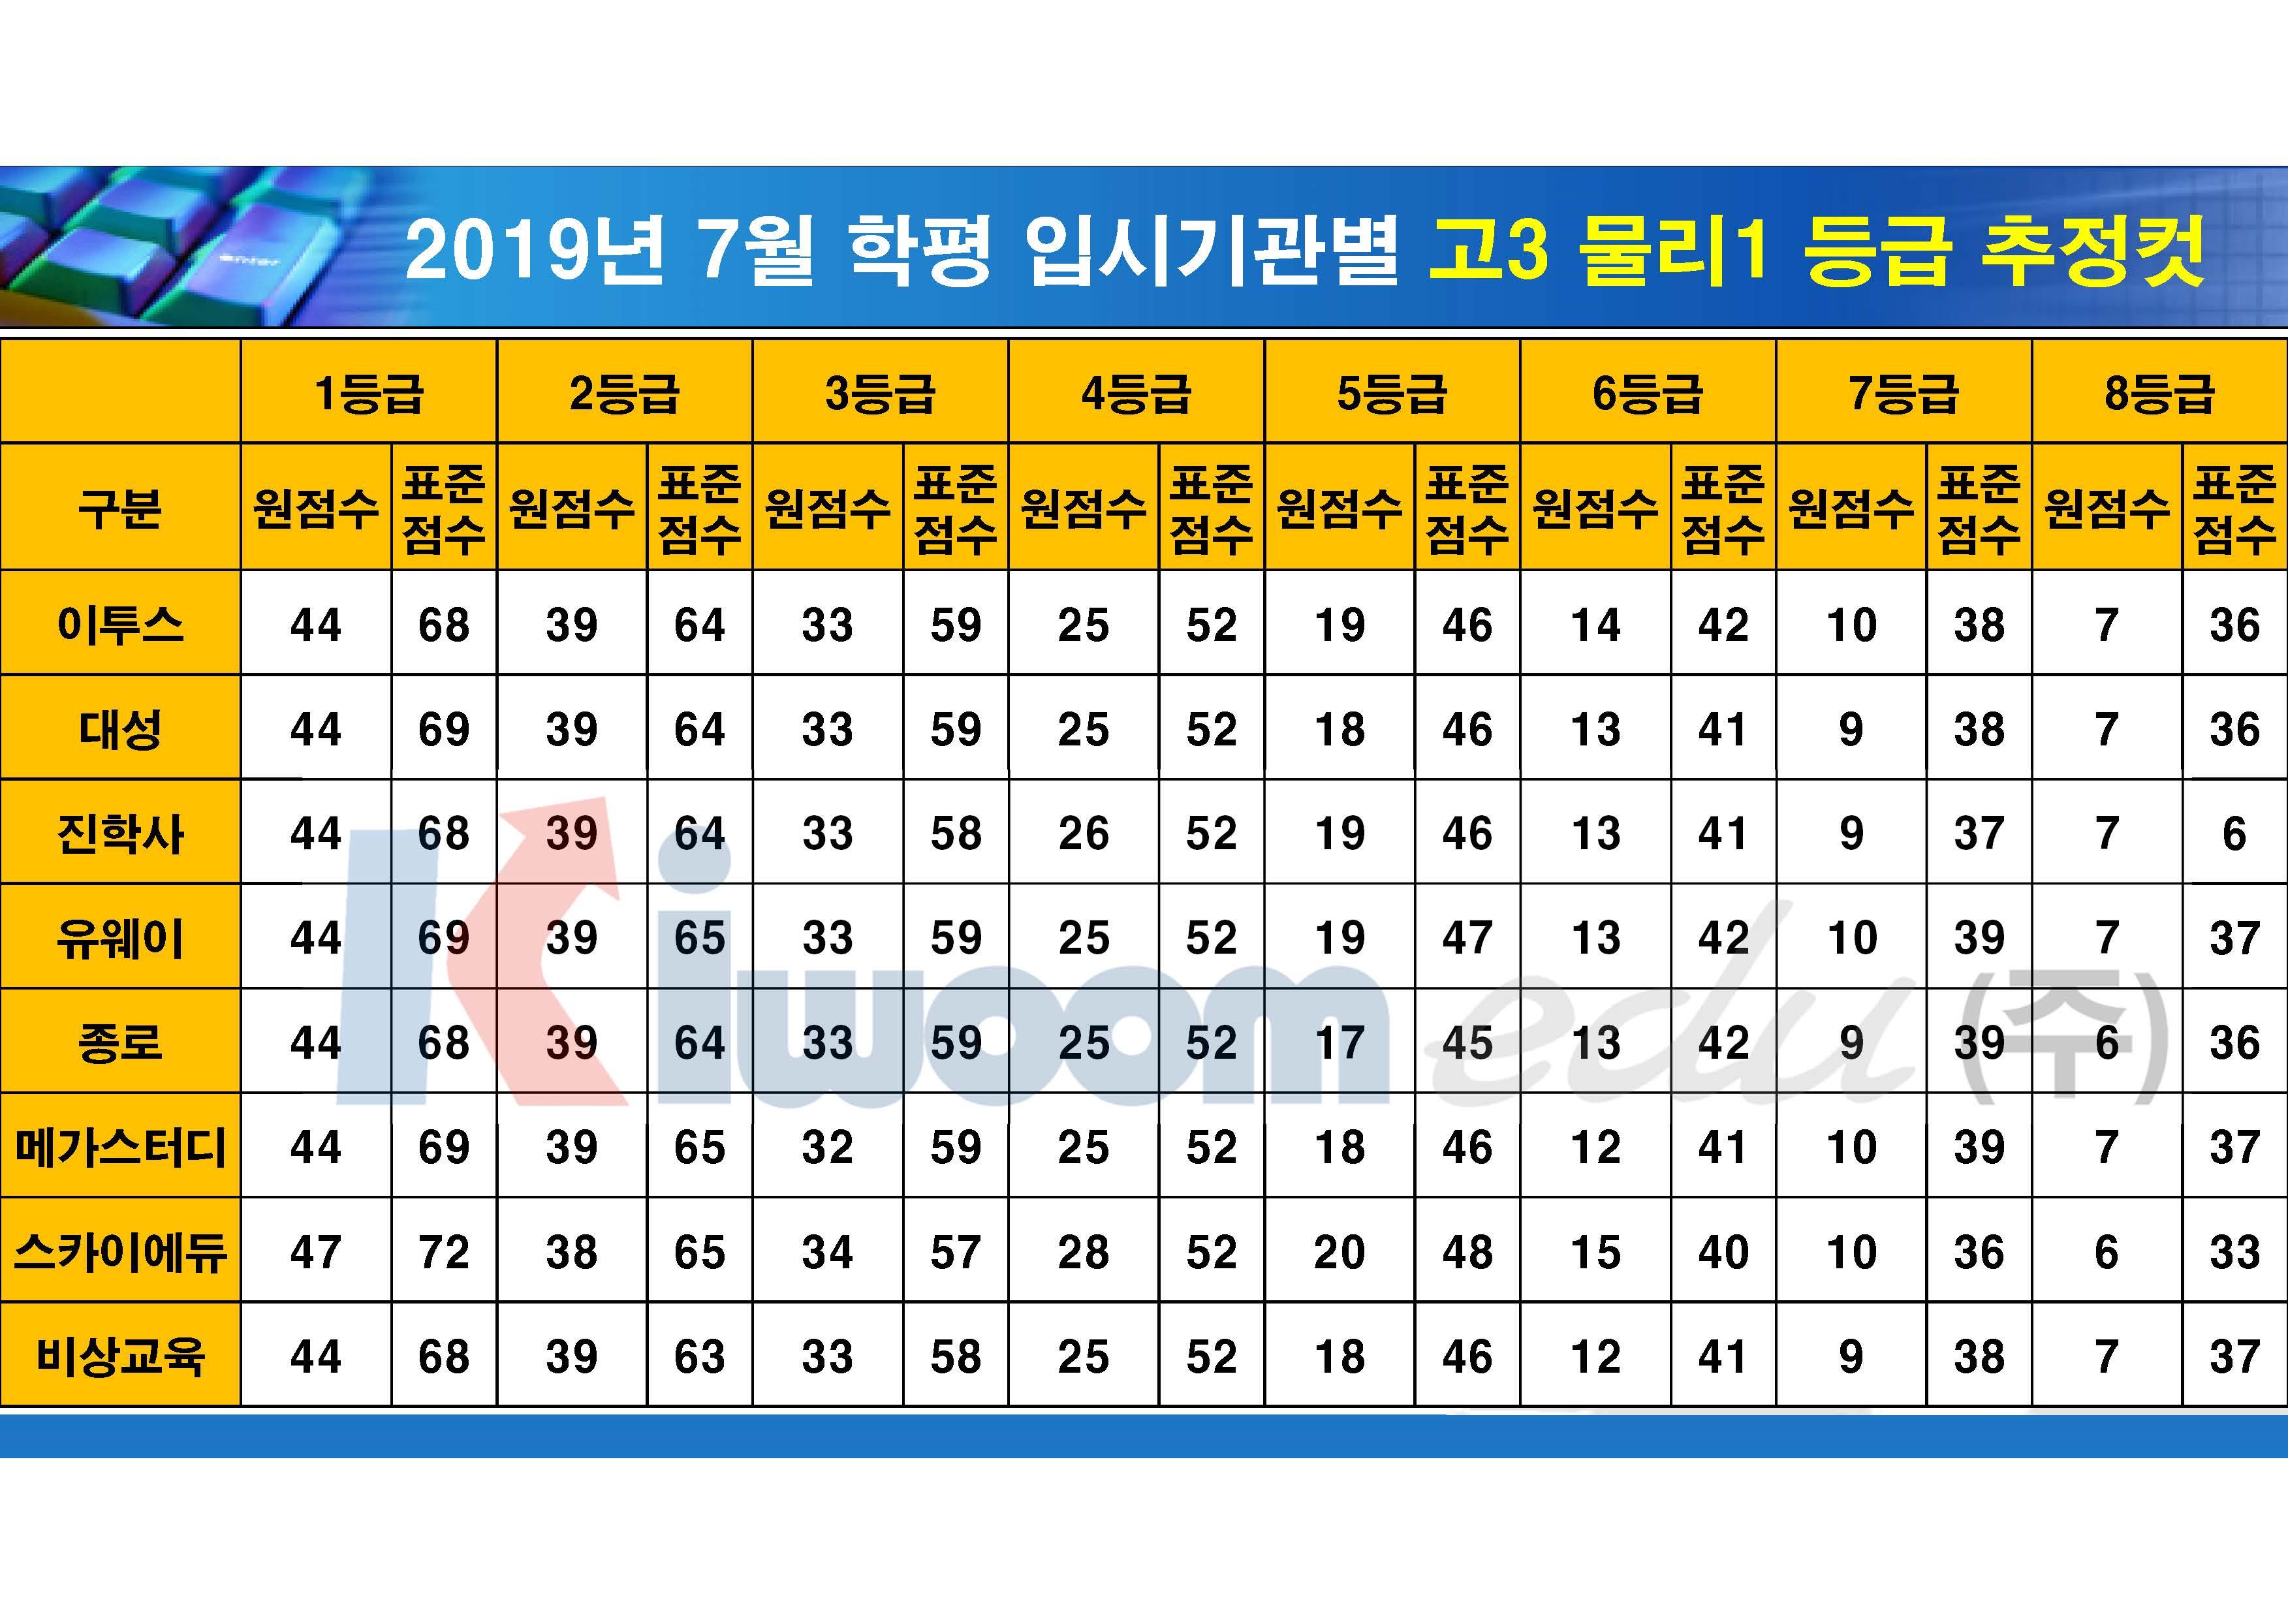 2019 7월 모의고사 입시기관별 등급컷(고3)_20190711_안지훈#1(16시 30분 기준)_Page_15.jpg